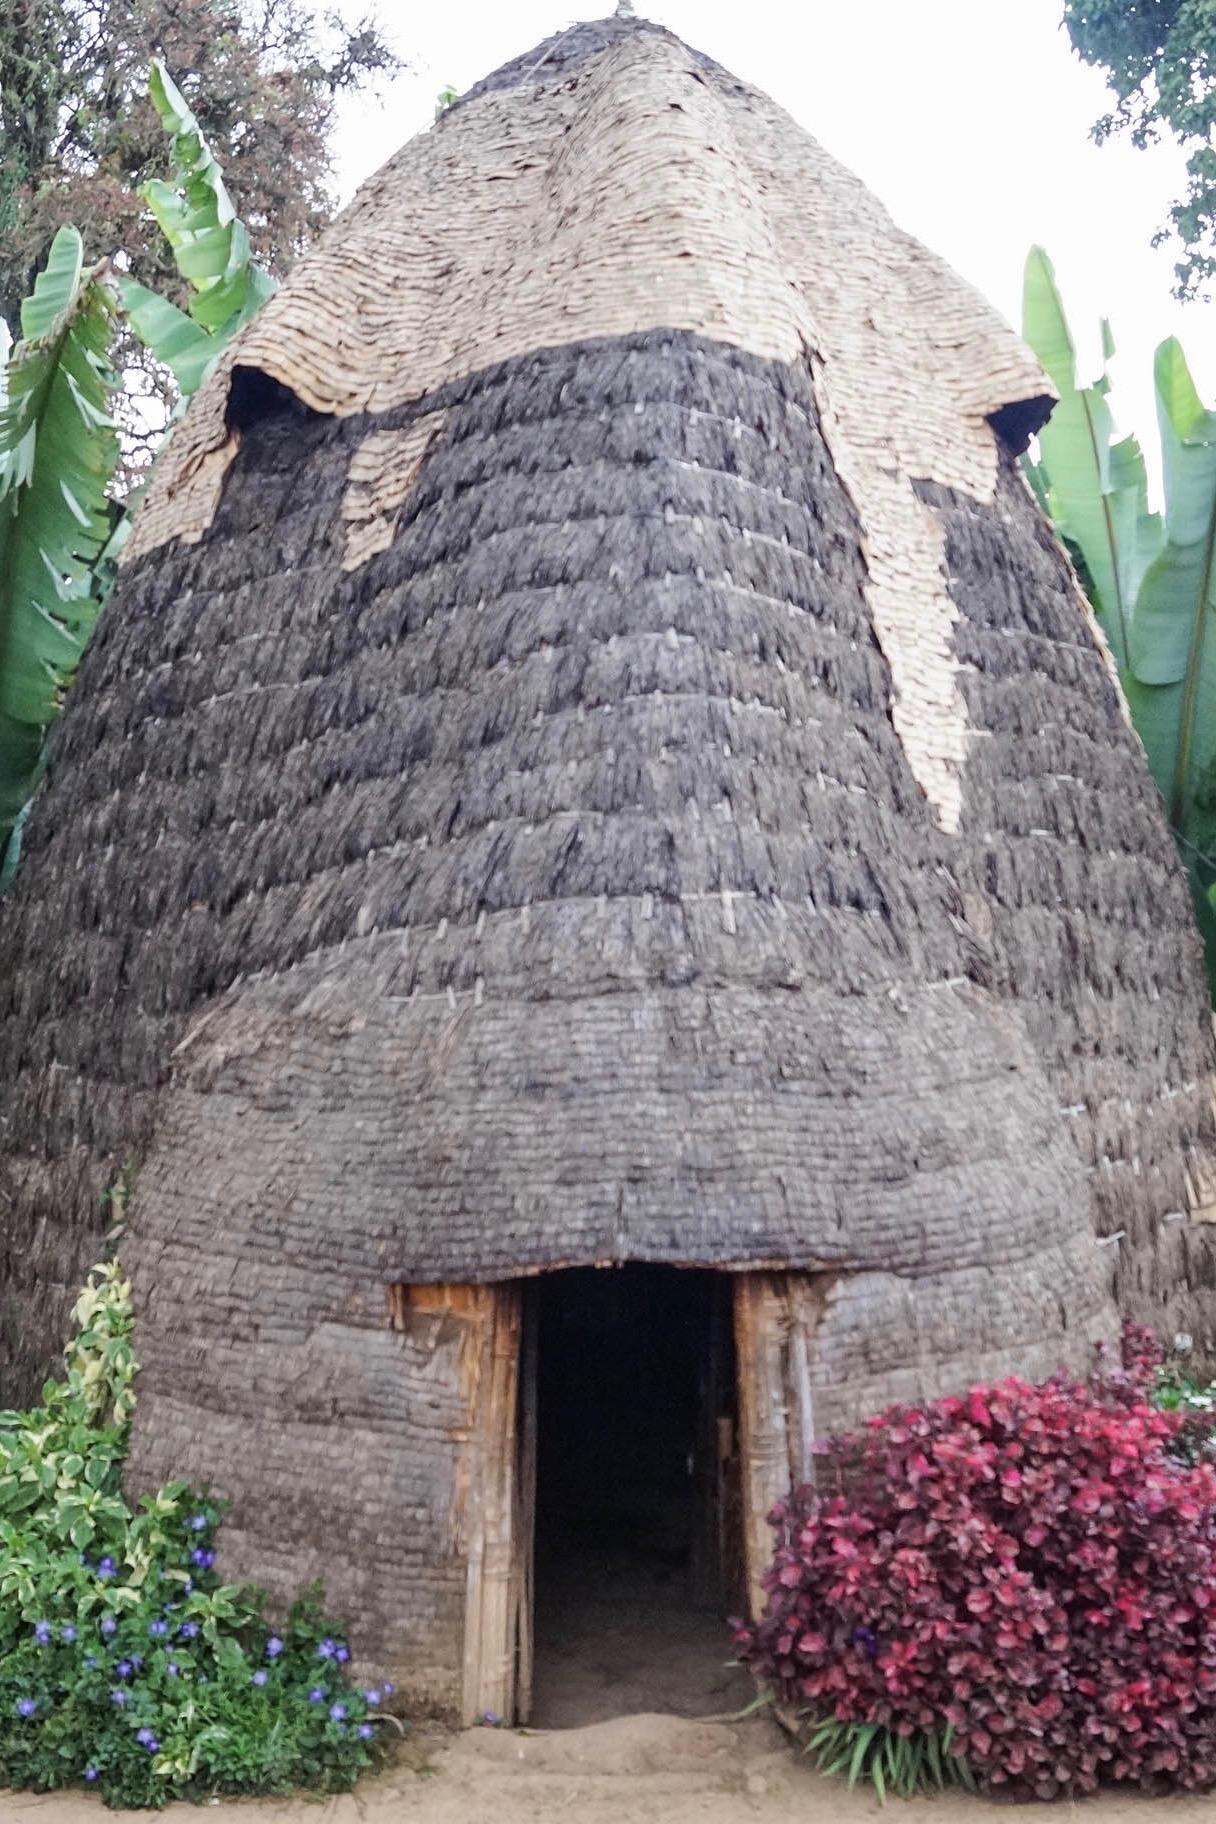 Die Dorze in Äthiopien leben in Hütten, die an Elefanten erinnern.